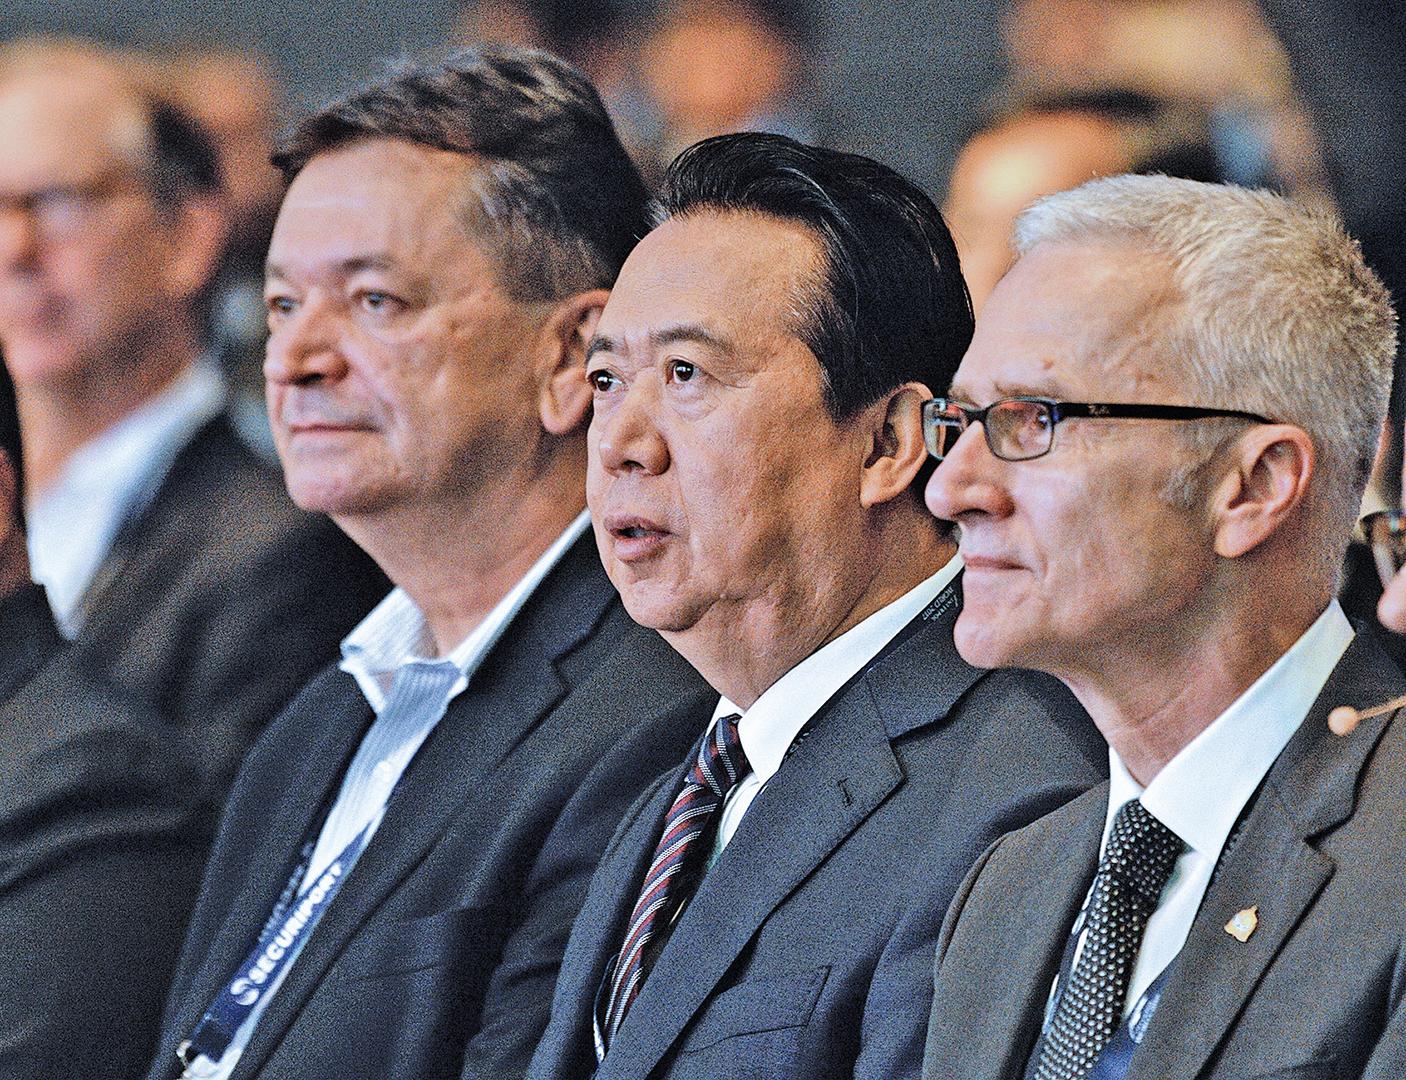 外媒披露,孟宏偉(中)擔任國際刑警主席時,與真正掌握實權的國際刑警秘書長Jurgen Stock(右)關係緊張。(Getty Images)